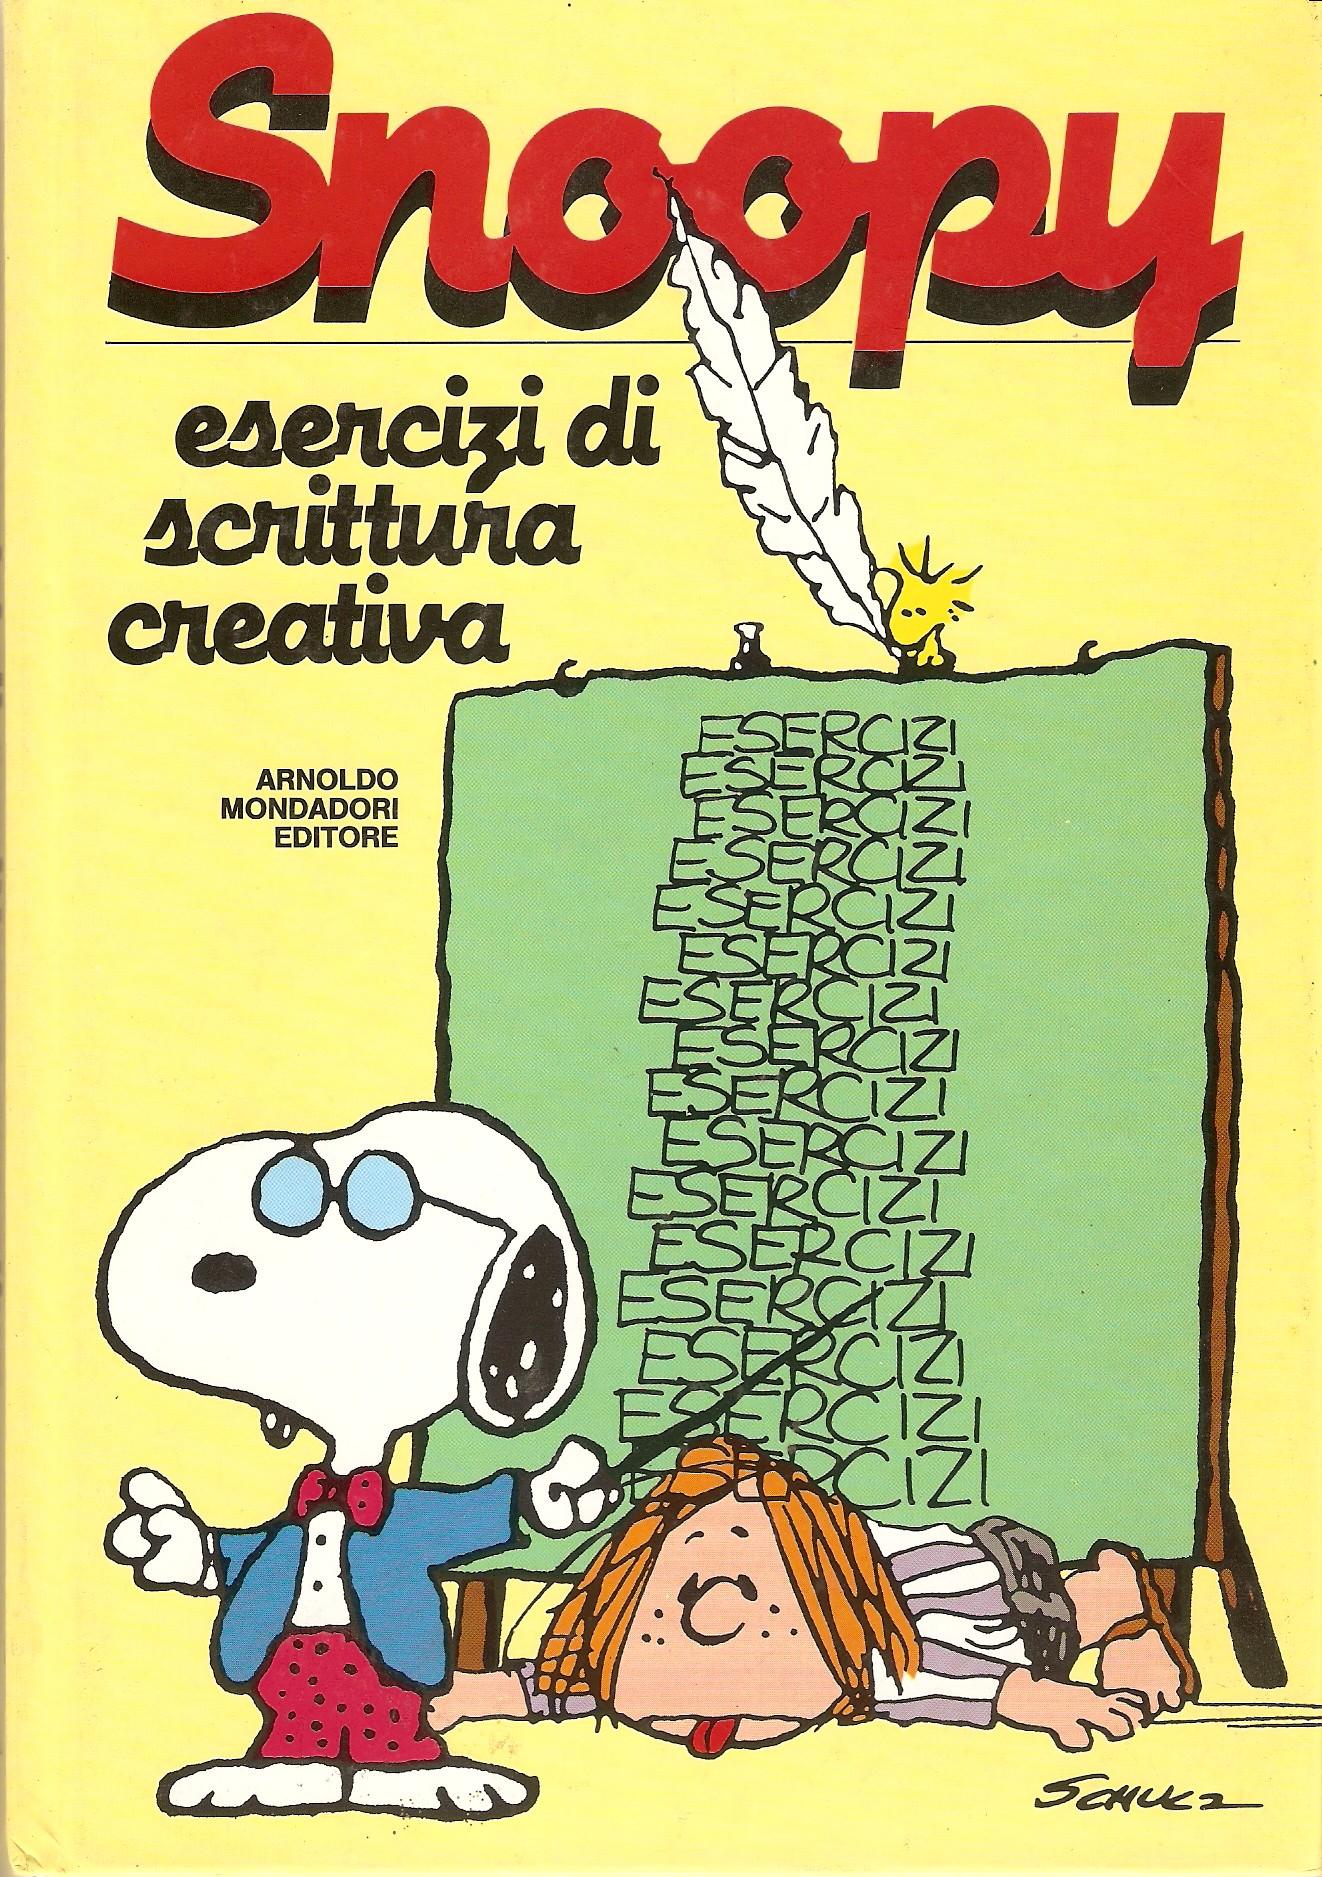 Snoopy esercizi di s...